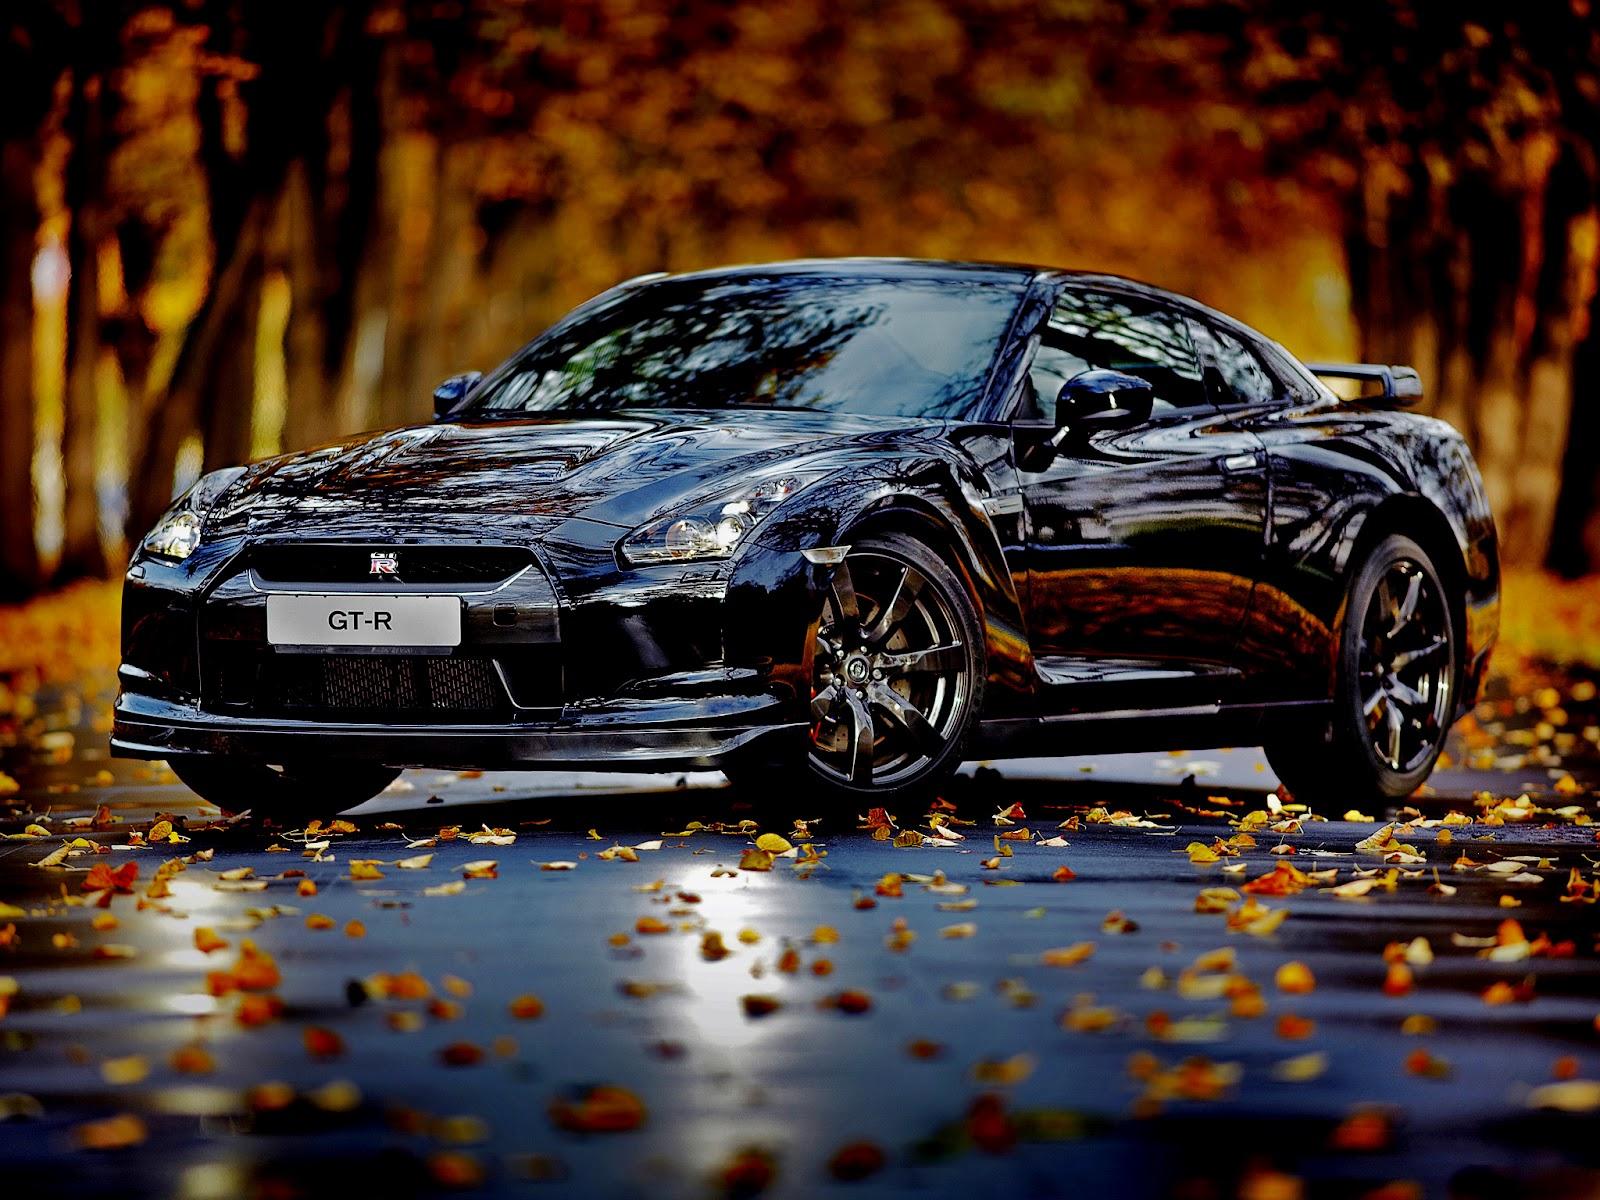 Super+Cars+%2843%29 41 Gerçek HD Masaüstü Süper Araba Resimleri